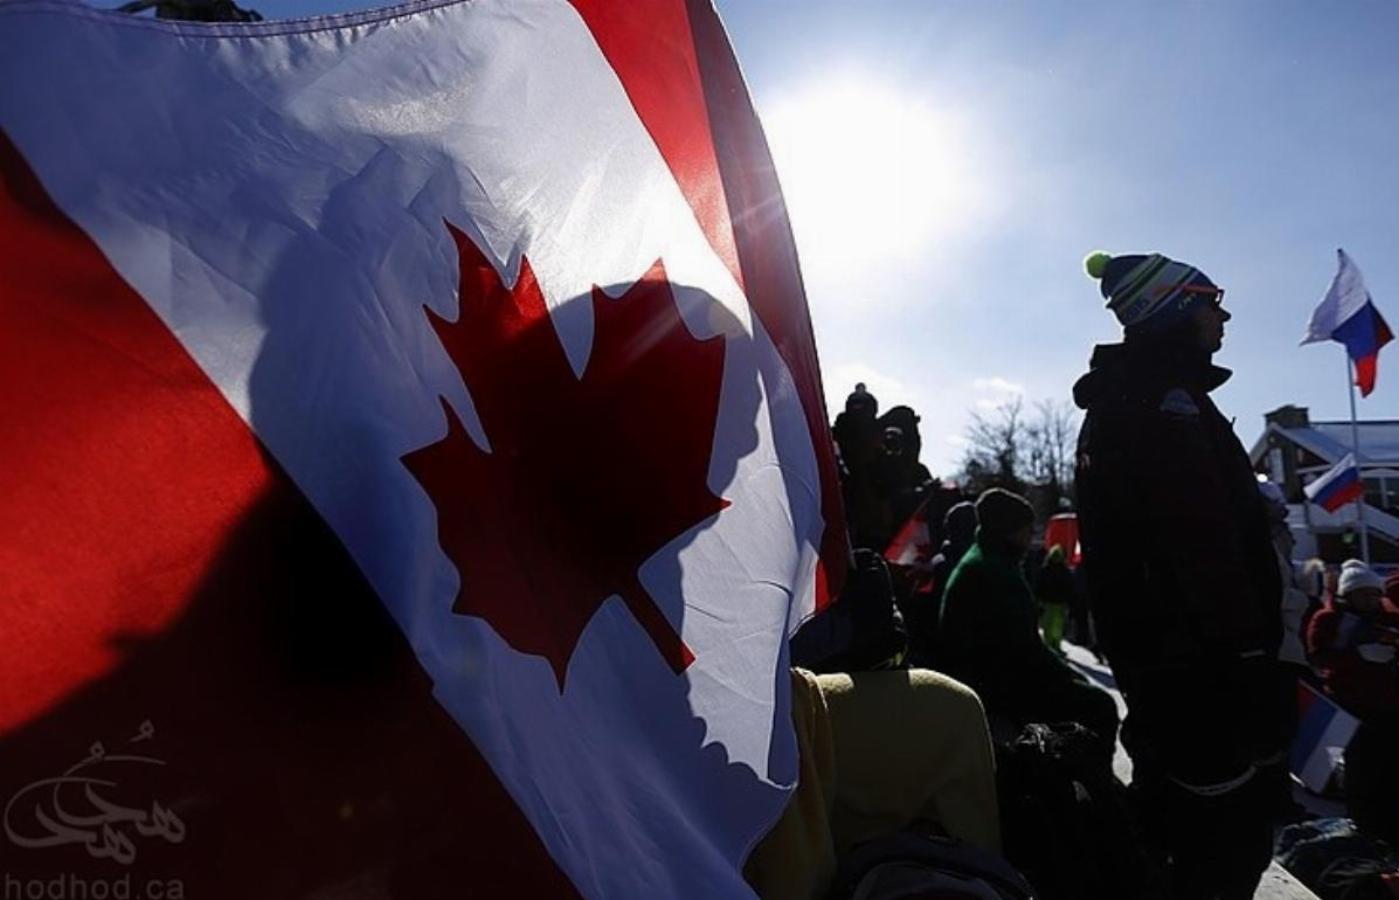 تشدید تنش ها میان روسیه و کانادا: روسیه کانادا را تهدید کرد